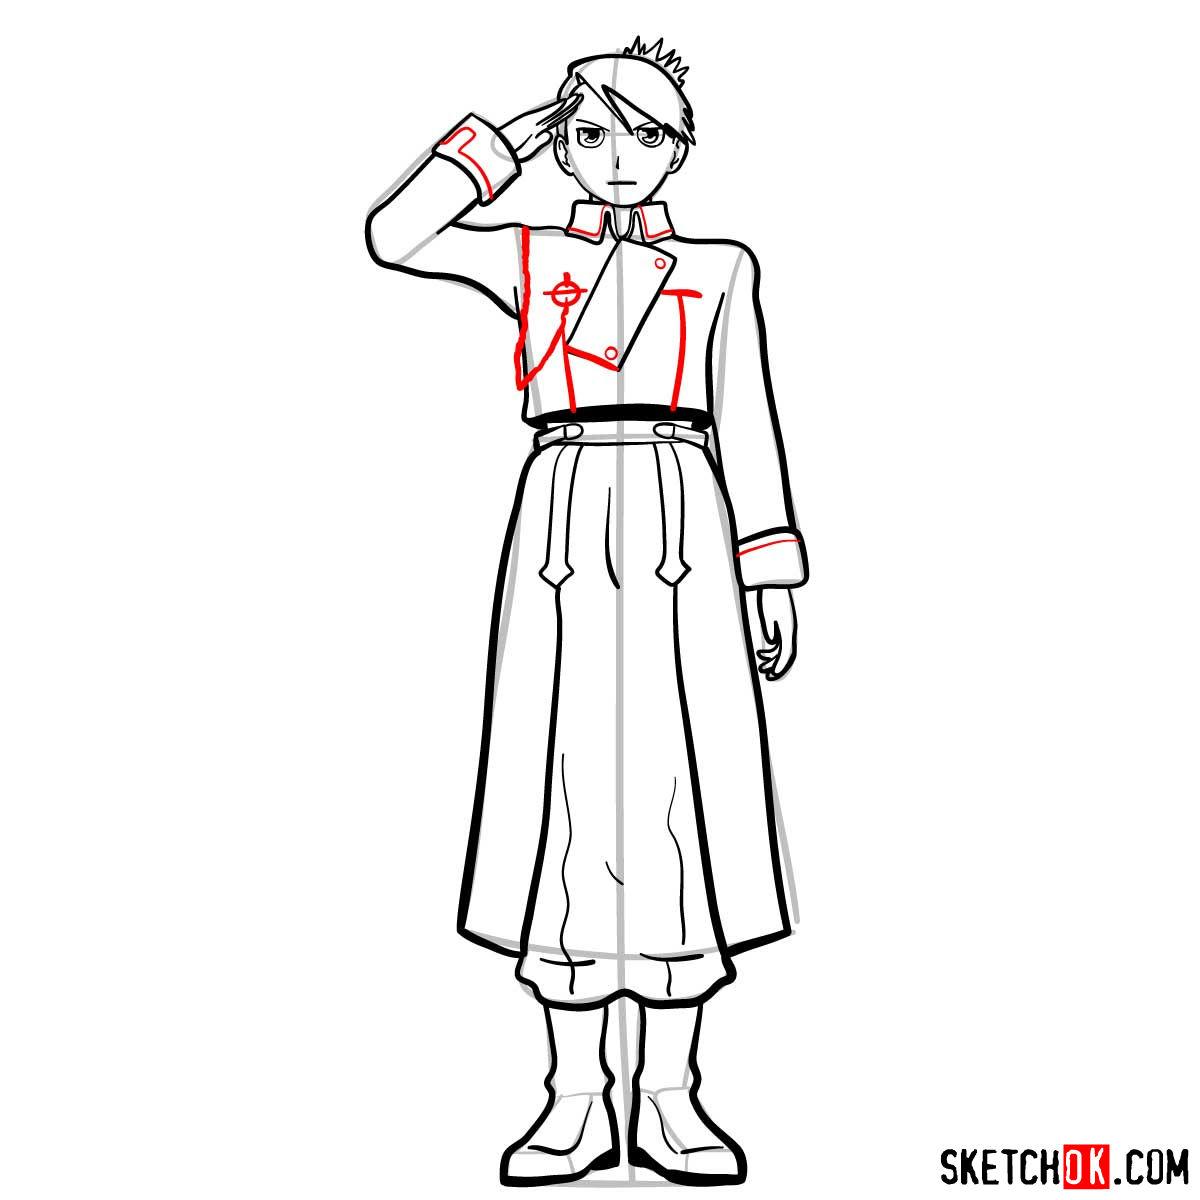 How to draw Riza Hawkeye from Fullmetal Alchemist anime - step 12